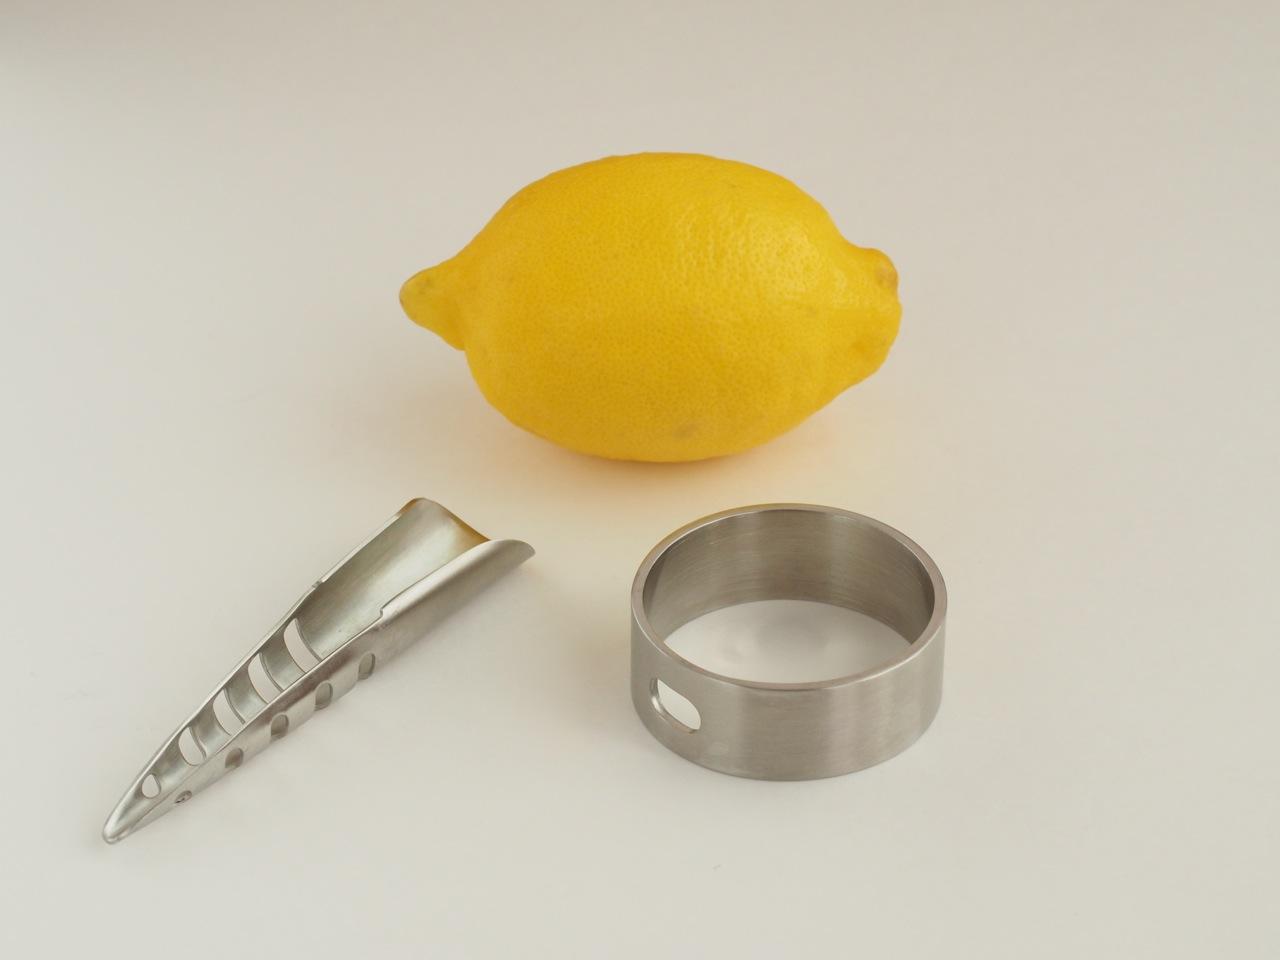 グッドデザインのレモン絞り器